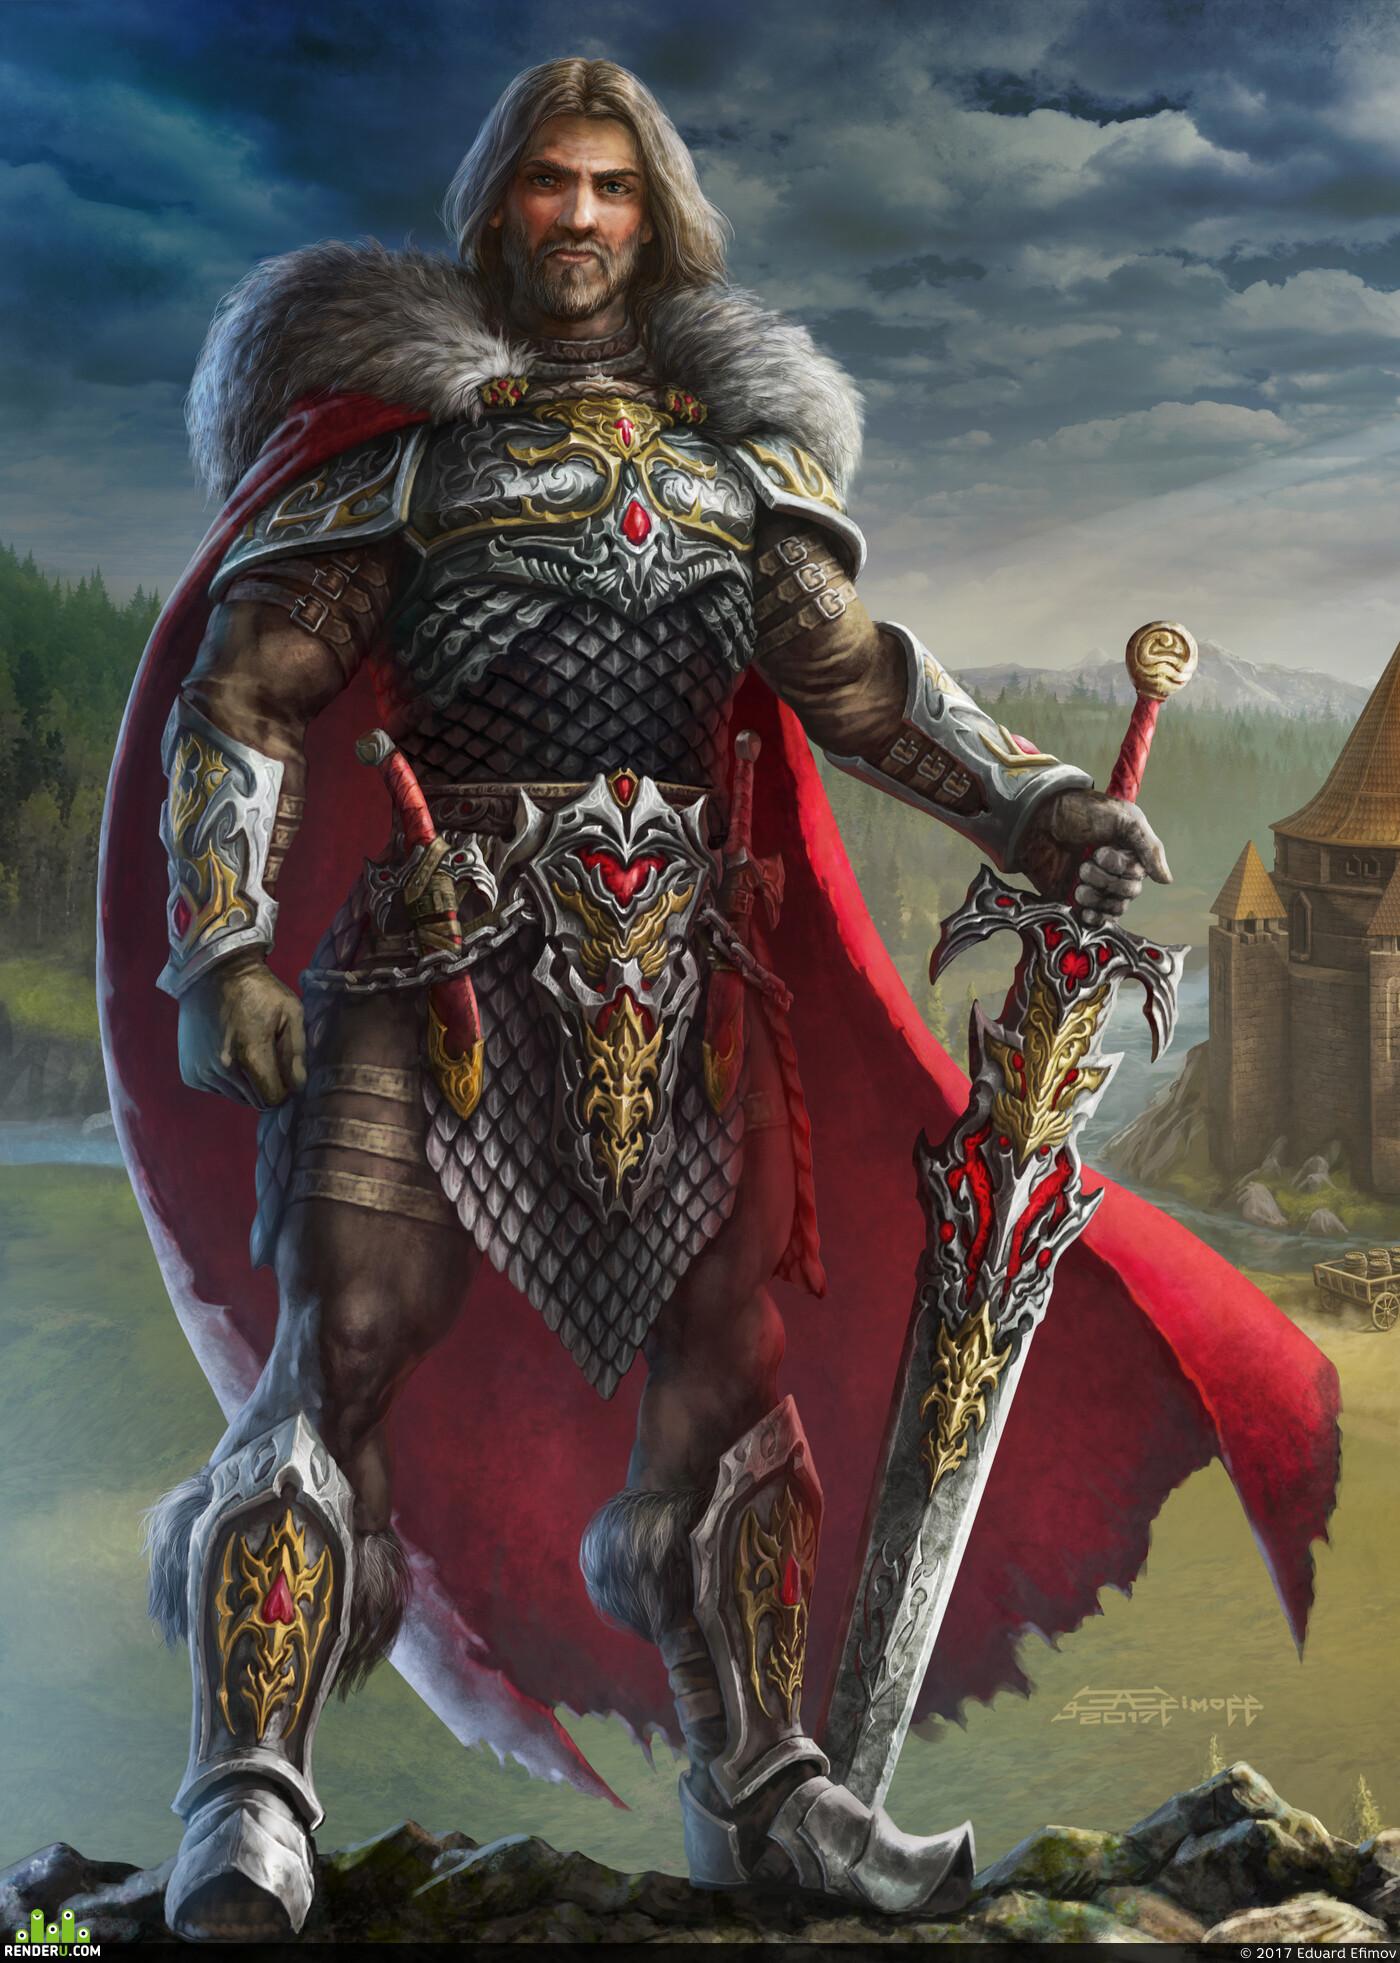 защитник, замок, хранитель, страж, жизнь, доспехи, иллюстрация, арт, фэнтази